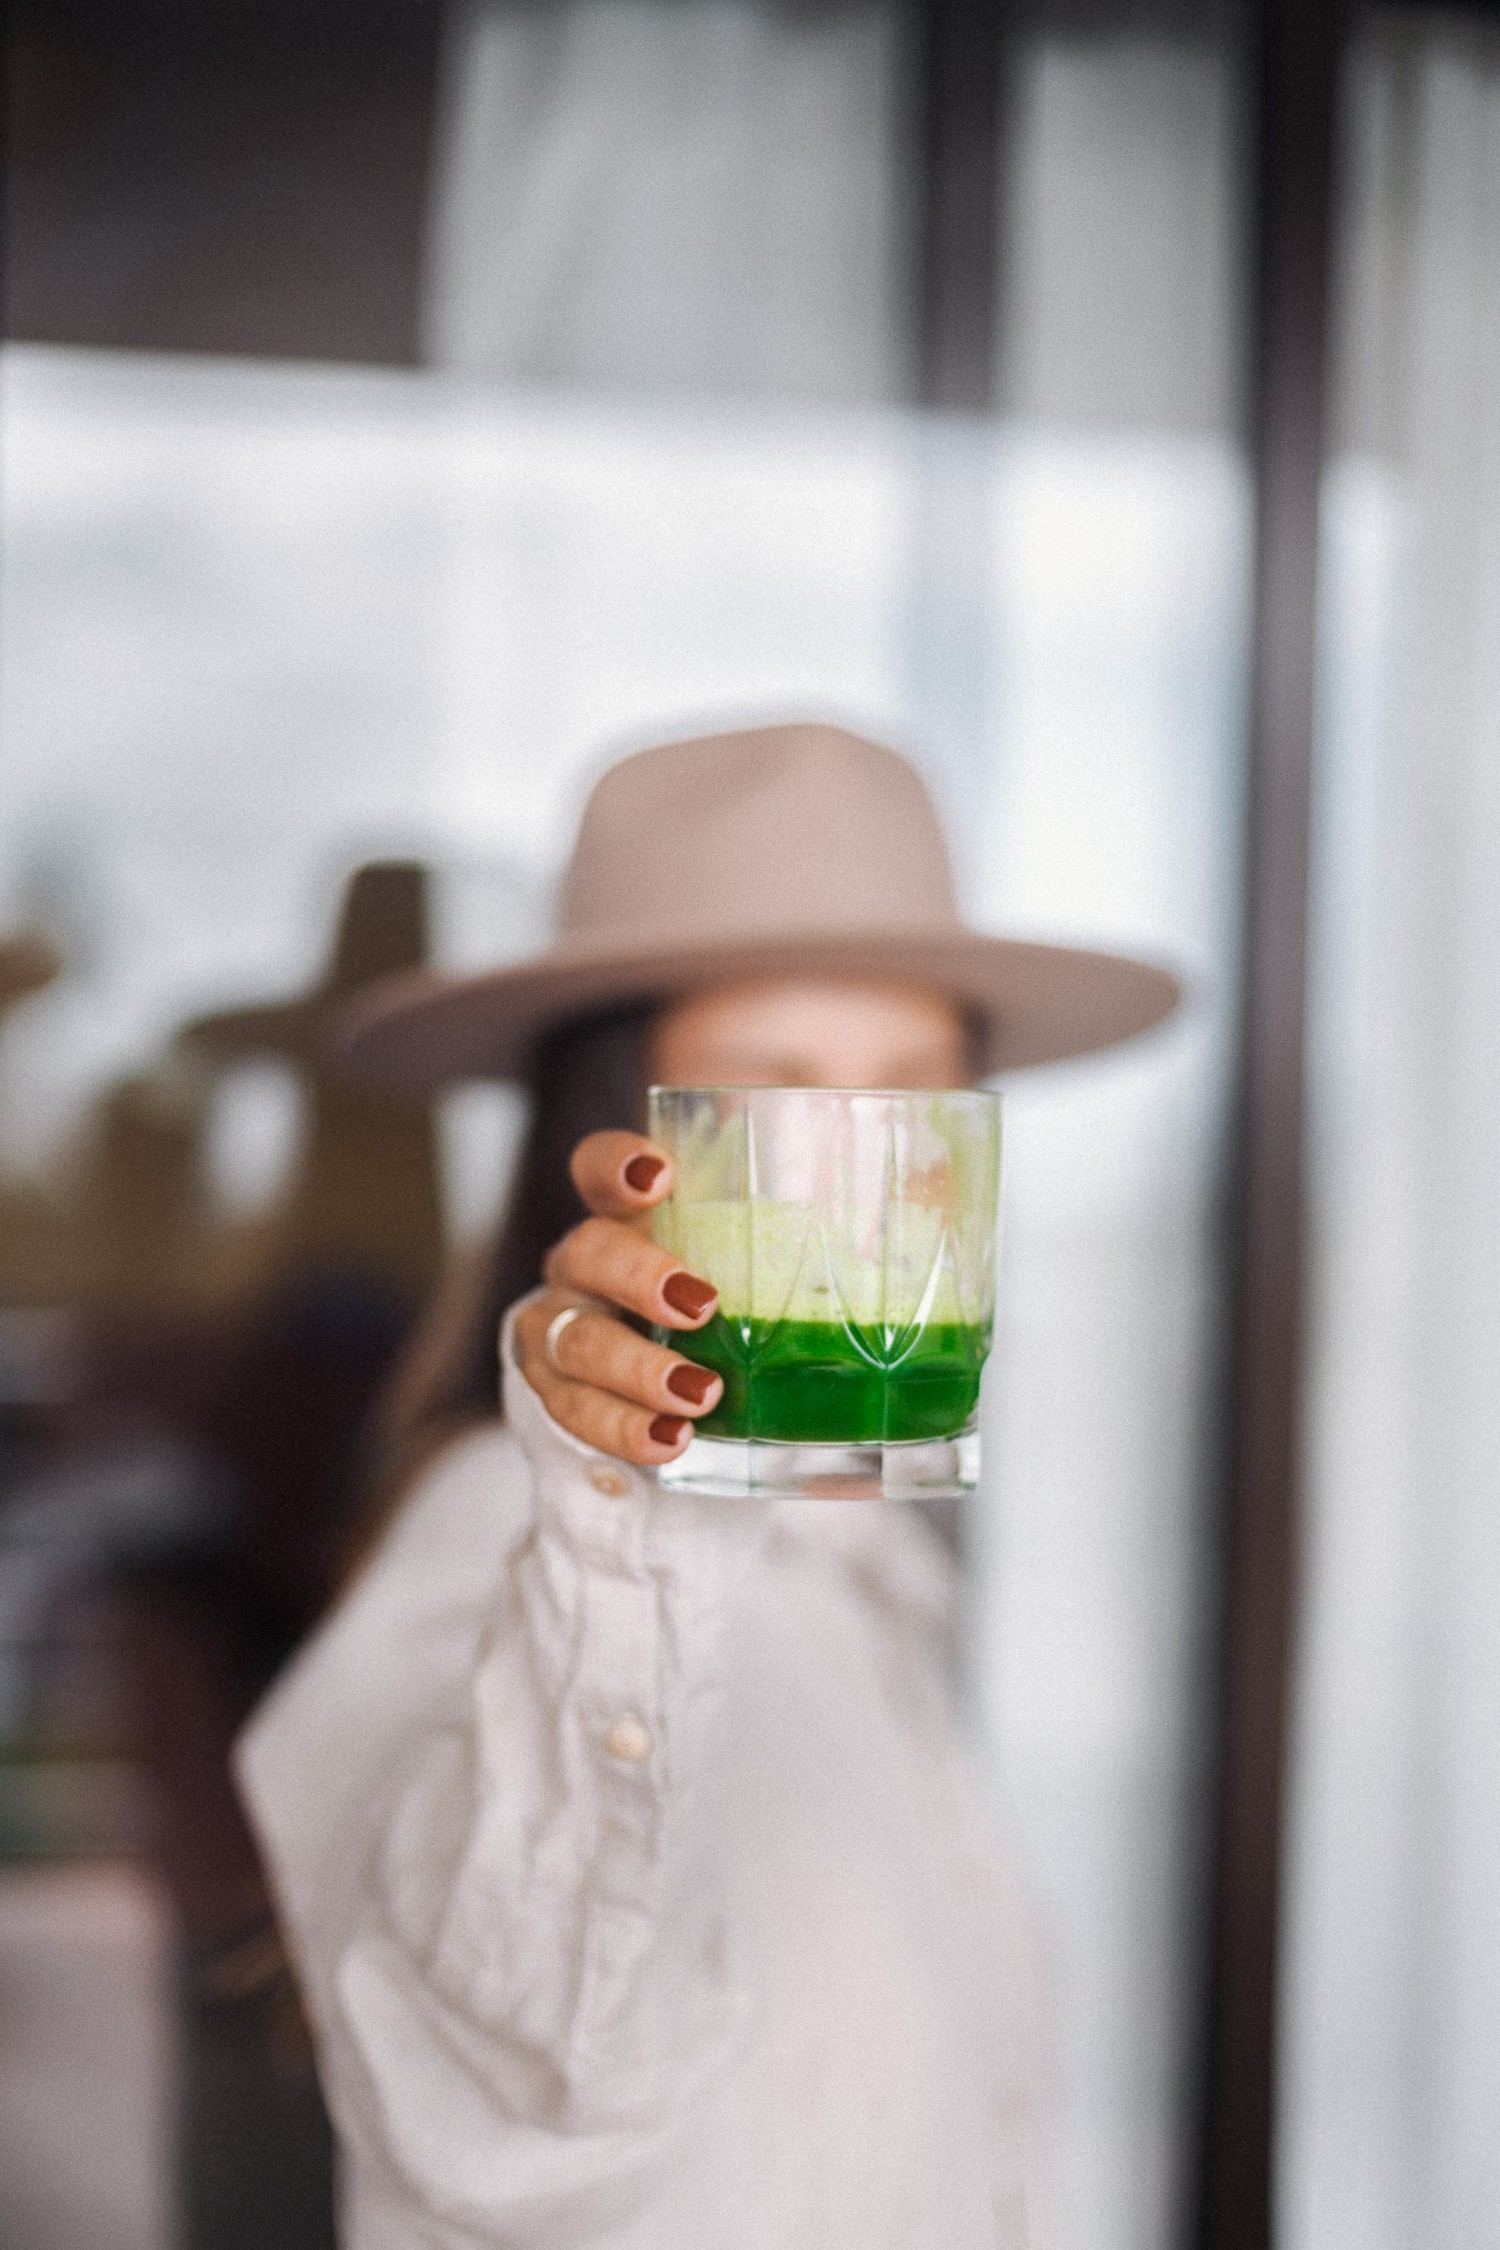 DSC 0133 - Green juice